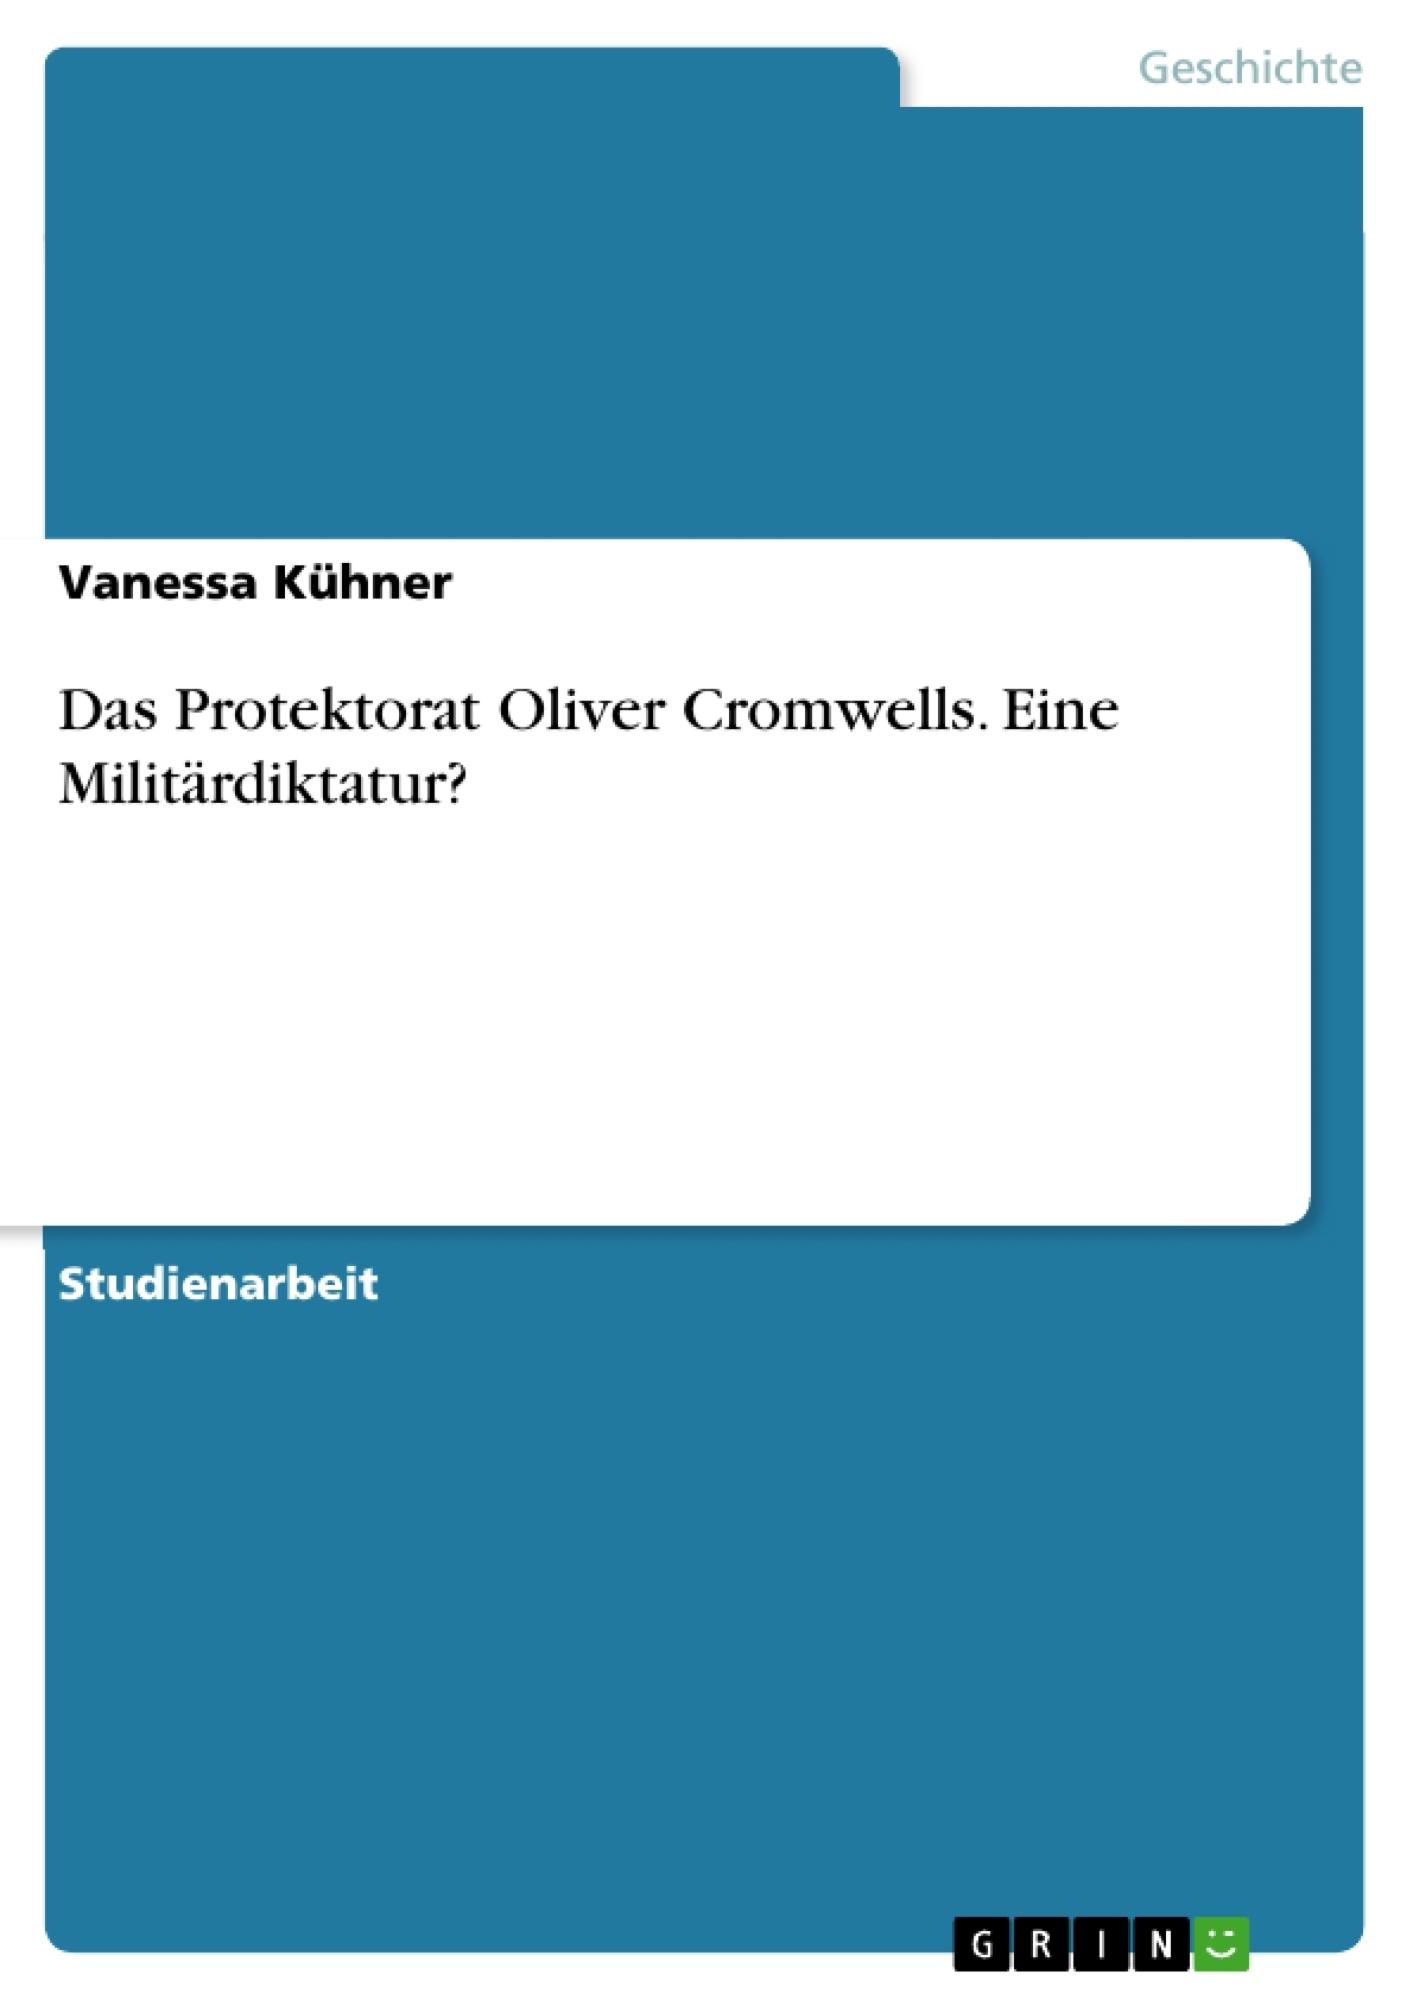 Titel: Das Protektorat Oliver Cromwells. Eine Militärdiktatur?